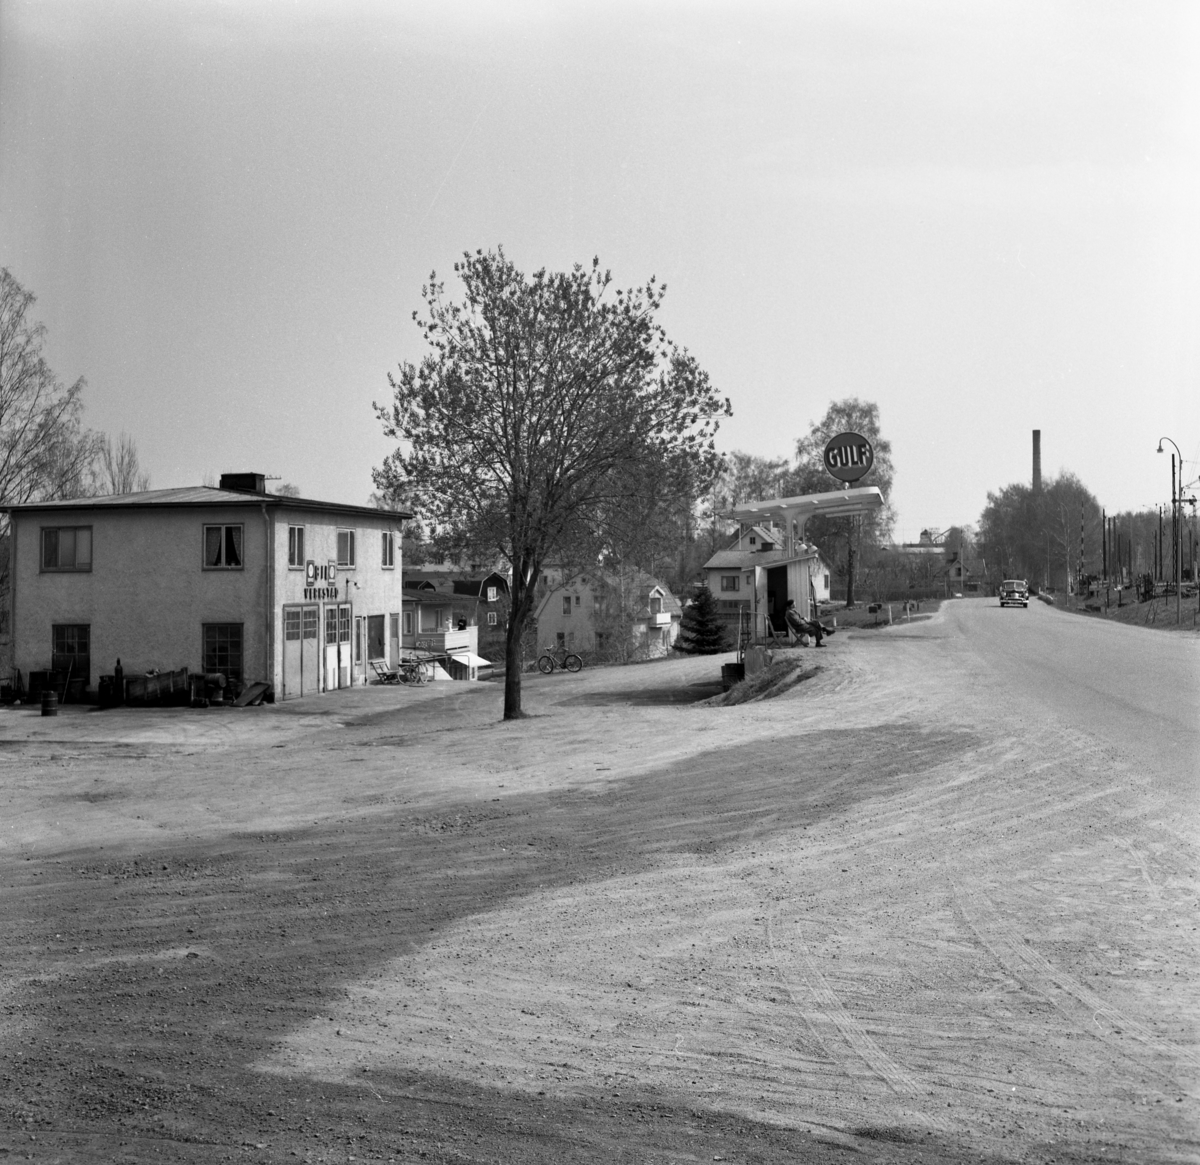 """Någonstans i Värmland - från slutet av 1950-talet. Kommentar från användare: """"Deje, strax öster om järnvägsstationen ungefär där brandstationen ligger idag. NKlJs bangård till höger. Brukets skorsten skymtar i bakgrunden"""". Huset står kvar än idag. Kortet är taget i höjd med den plats där brandstationen ligger idag."""